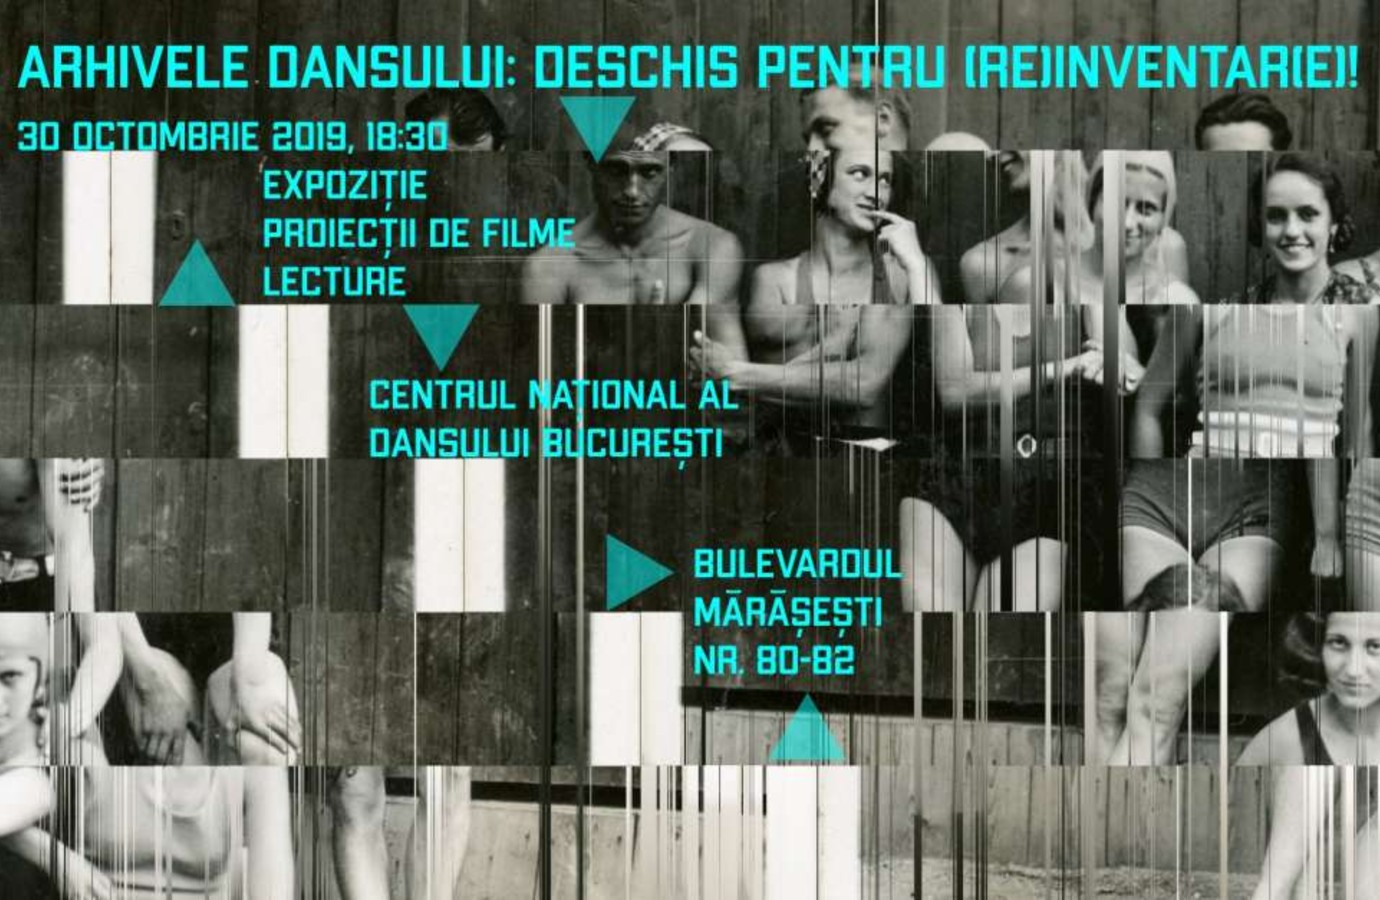 Arhivele Dansului: Deschis pentru reinventare!